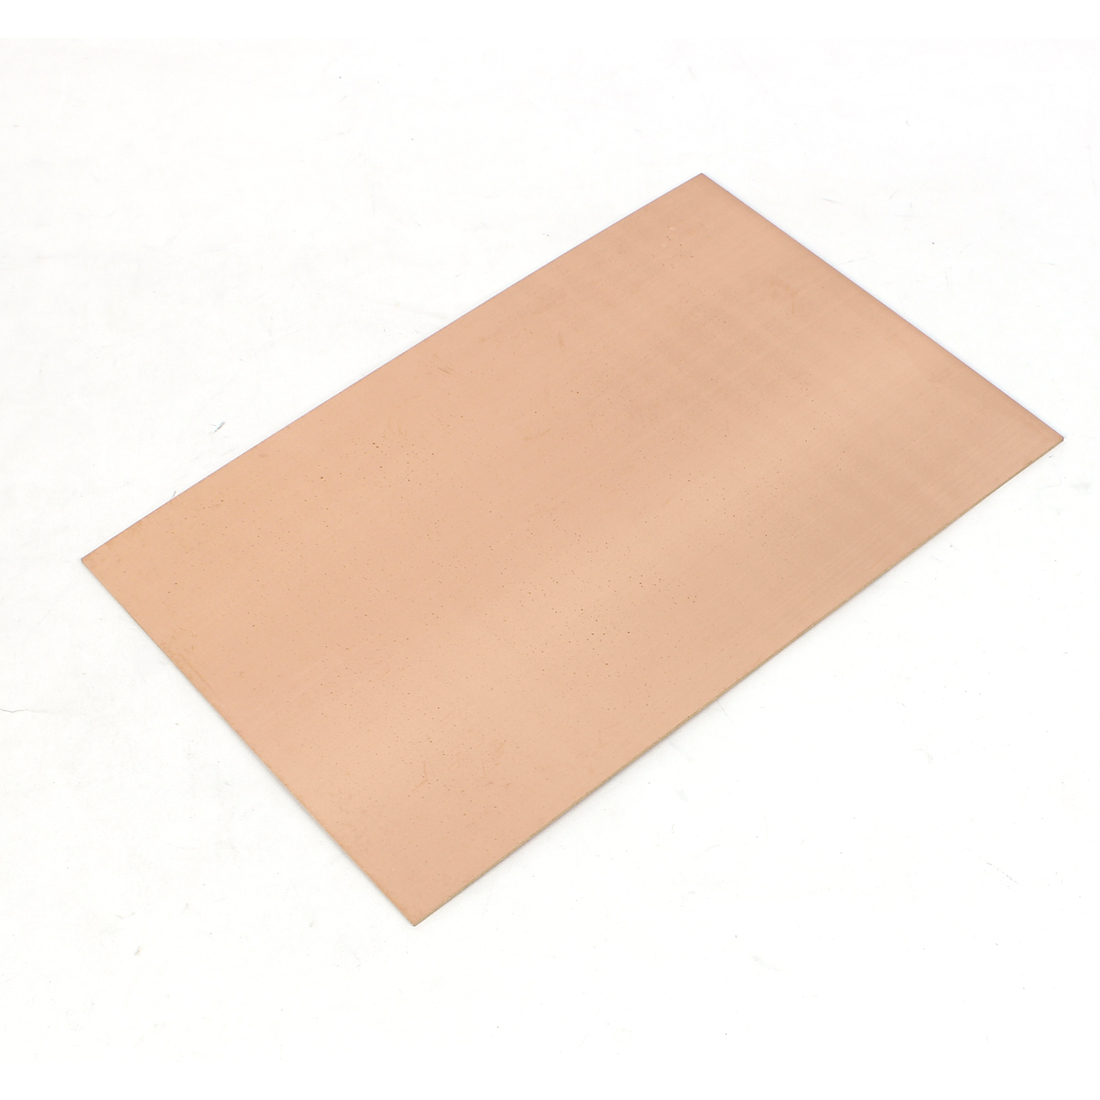 30cm x 20cm Single Side Copper Clad PCB Laminate Board